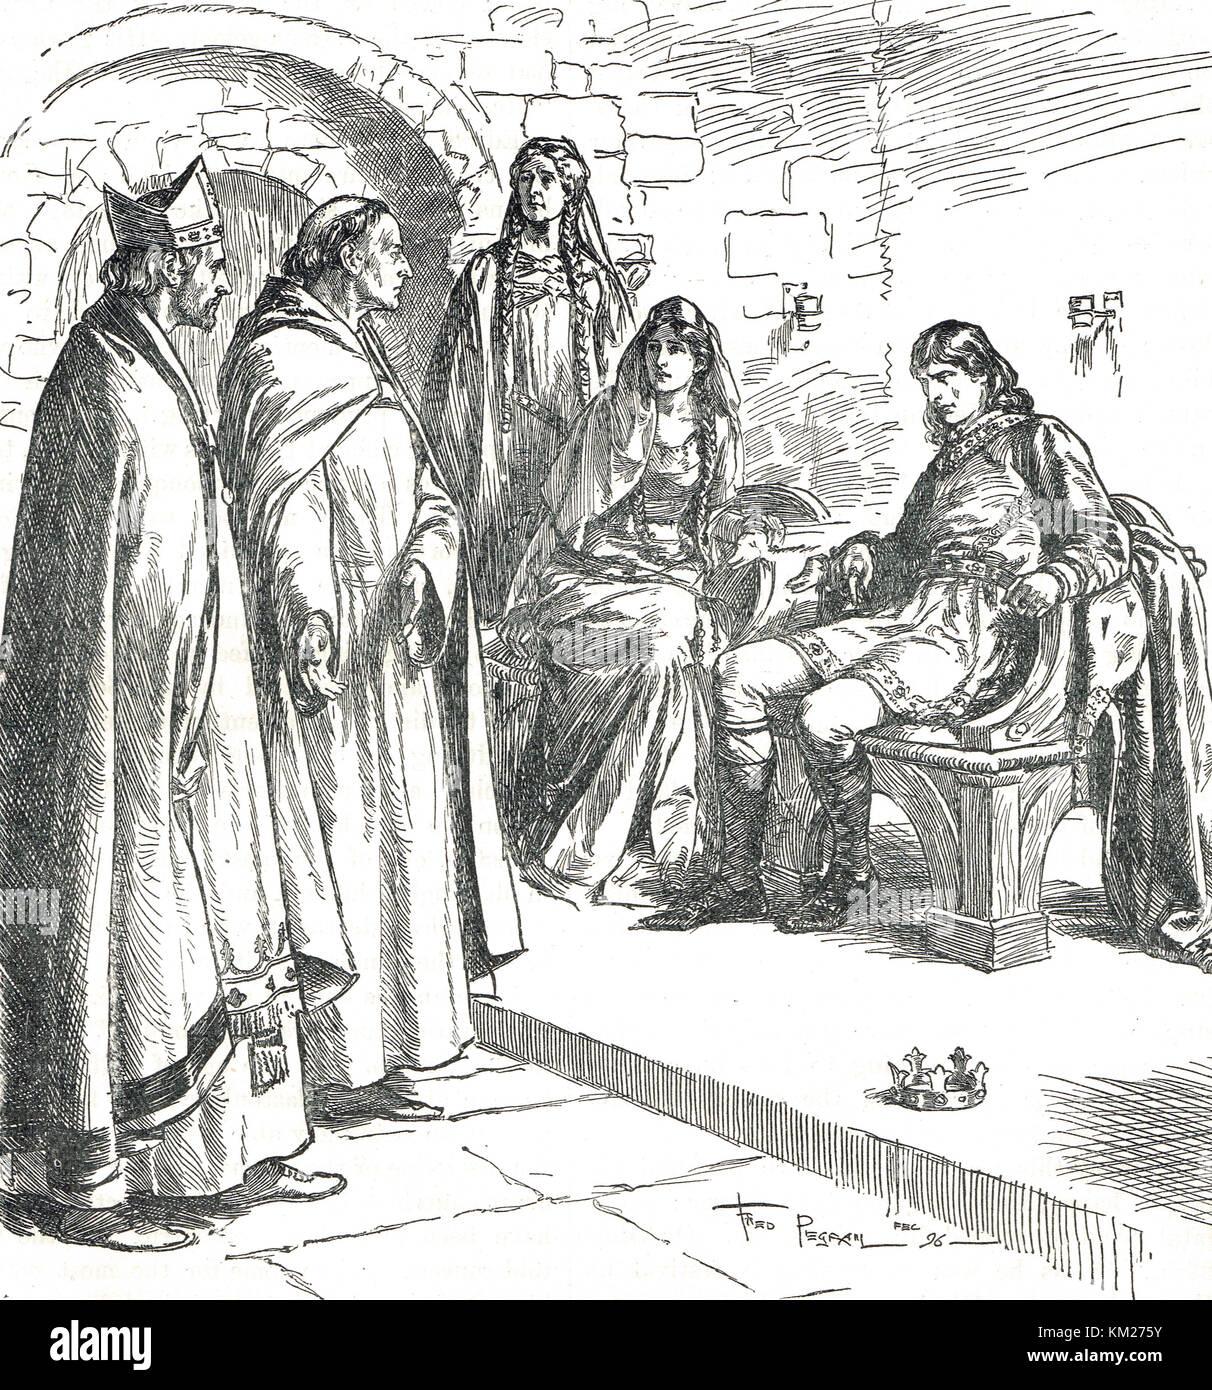 Dunstan strafte edwy (eadwig) in Anwesenheit von elgiva (aelfgifu), Ad 955 Stockbild